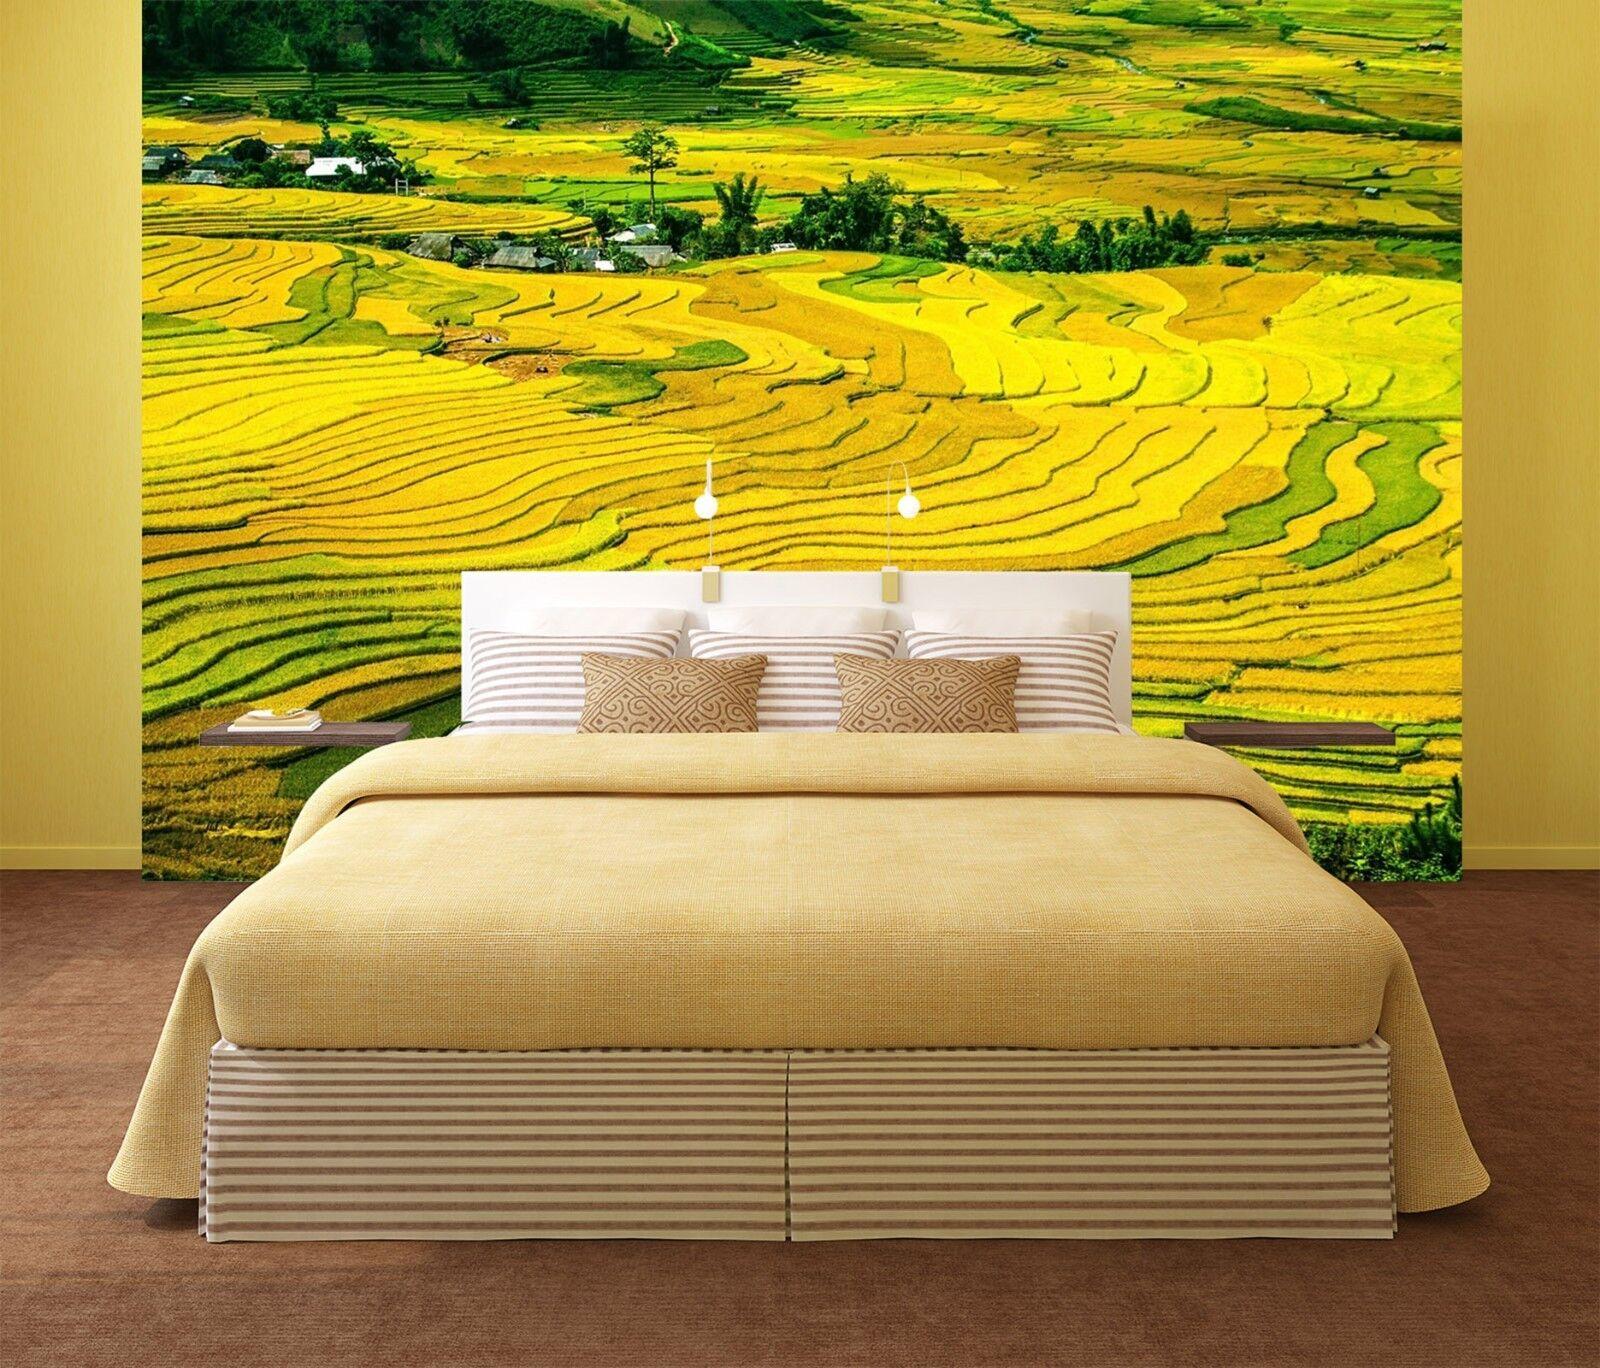 3D Natürliche Terrassen 7883 Tapete Wandgemälde Tapeten Tapeten Tapeten Bild Familie DE Lemon | Feinen Qualität  | Schenken Sie Ihrem Kind eine glückliche Kindheit  |  6a4f7f